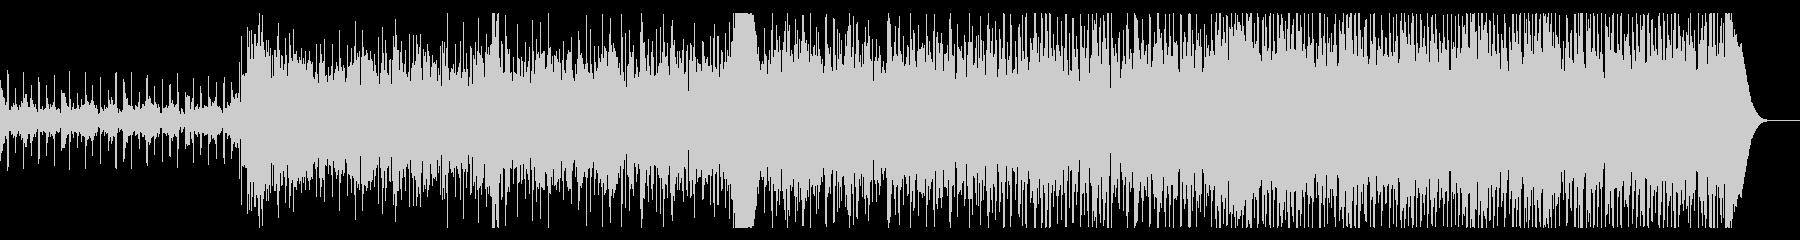 ノイジーなシネマティックIDMの未再生の波形